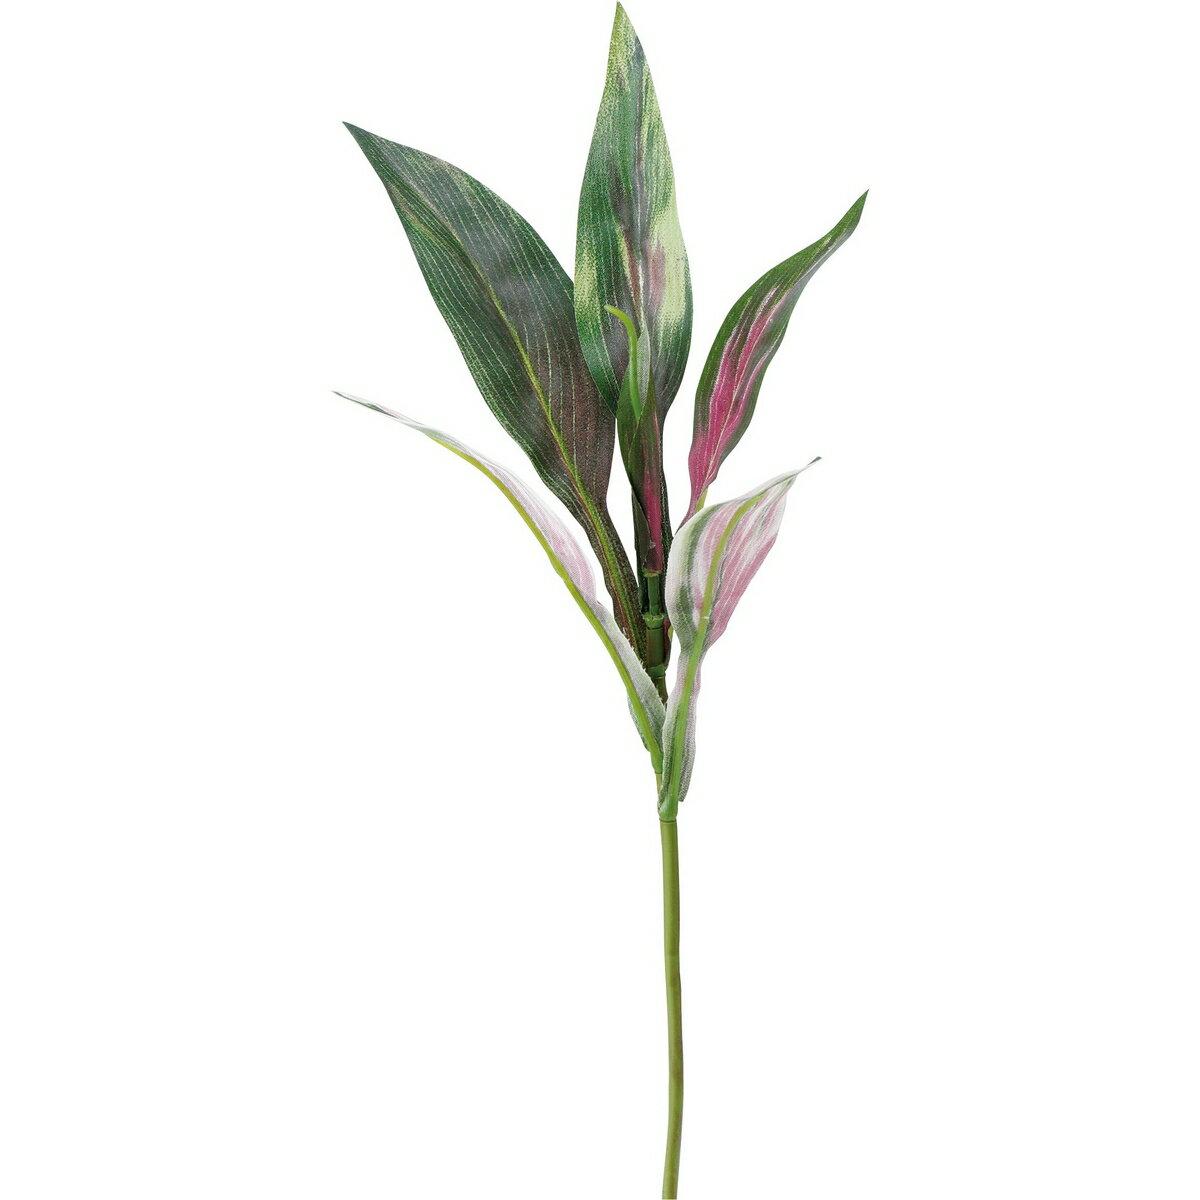 即日 【造花】YDM/コーディライン ピンクグリーン/FGH-0011-PGR《 造花(アーティフィシャルフラワー) 造花葉物、フェイクグリーン その他の造花葉物・フェイクグリーン 》